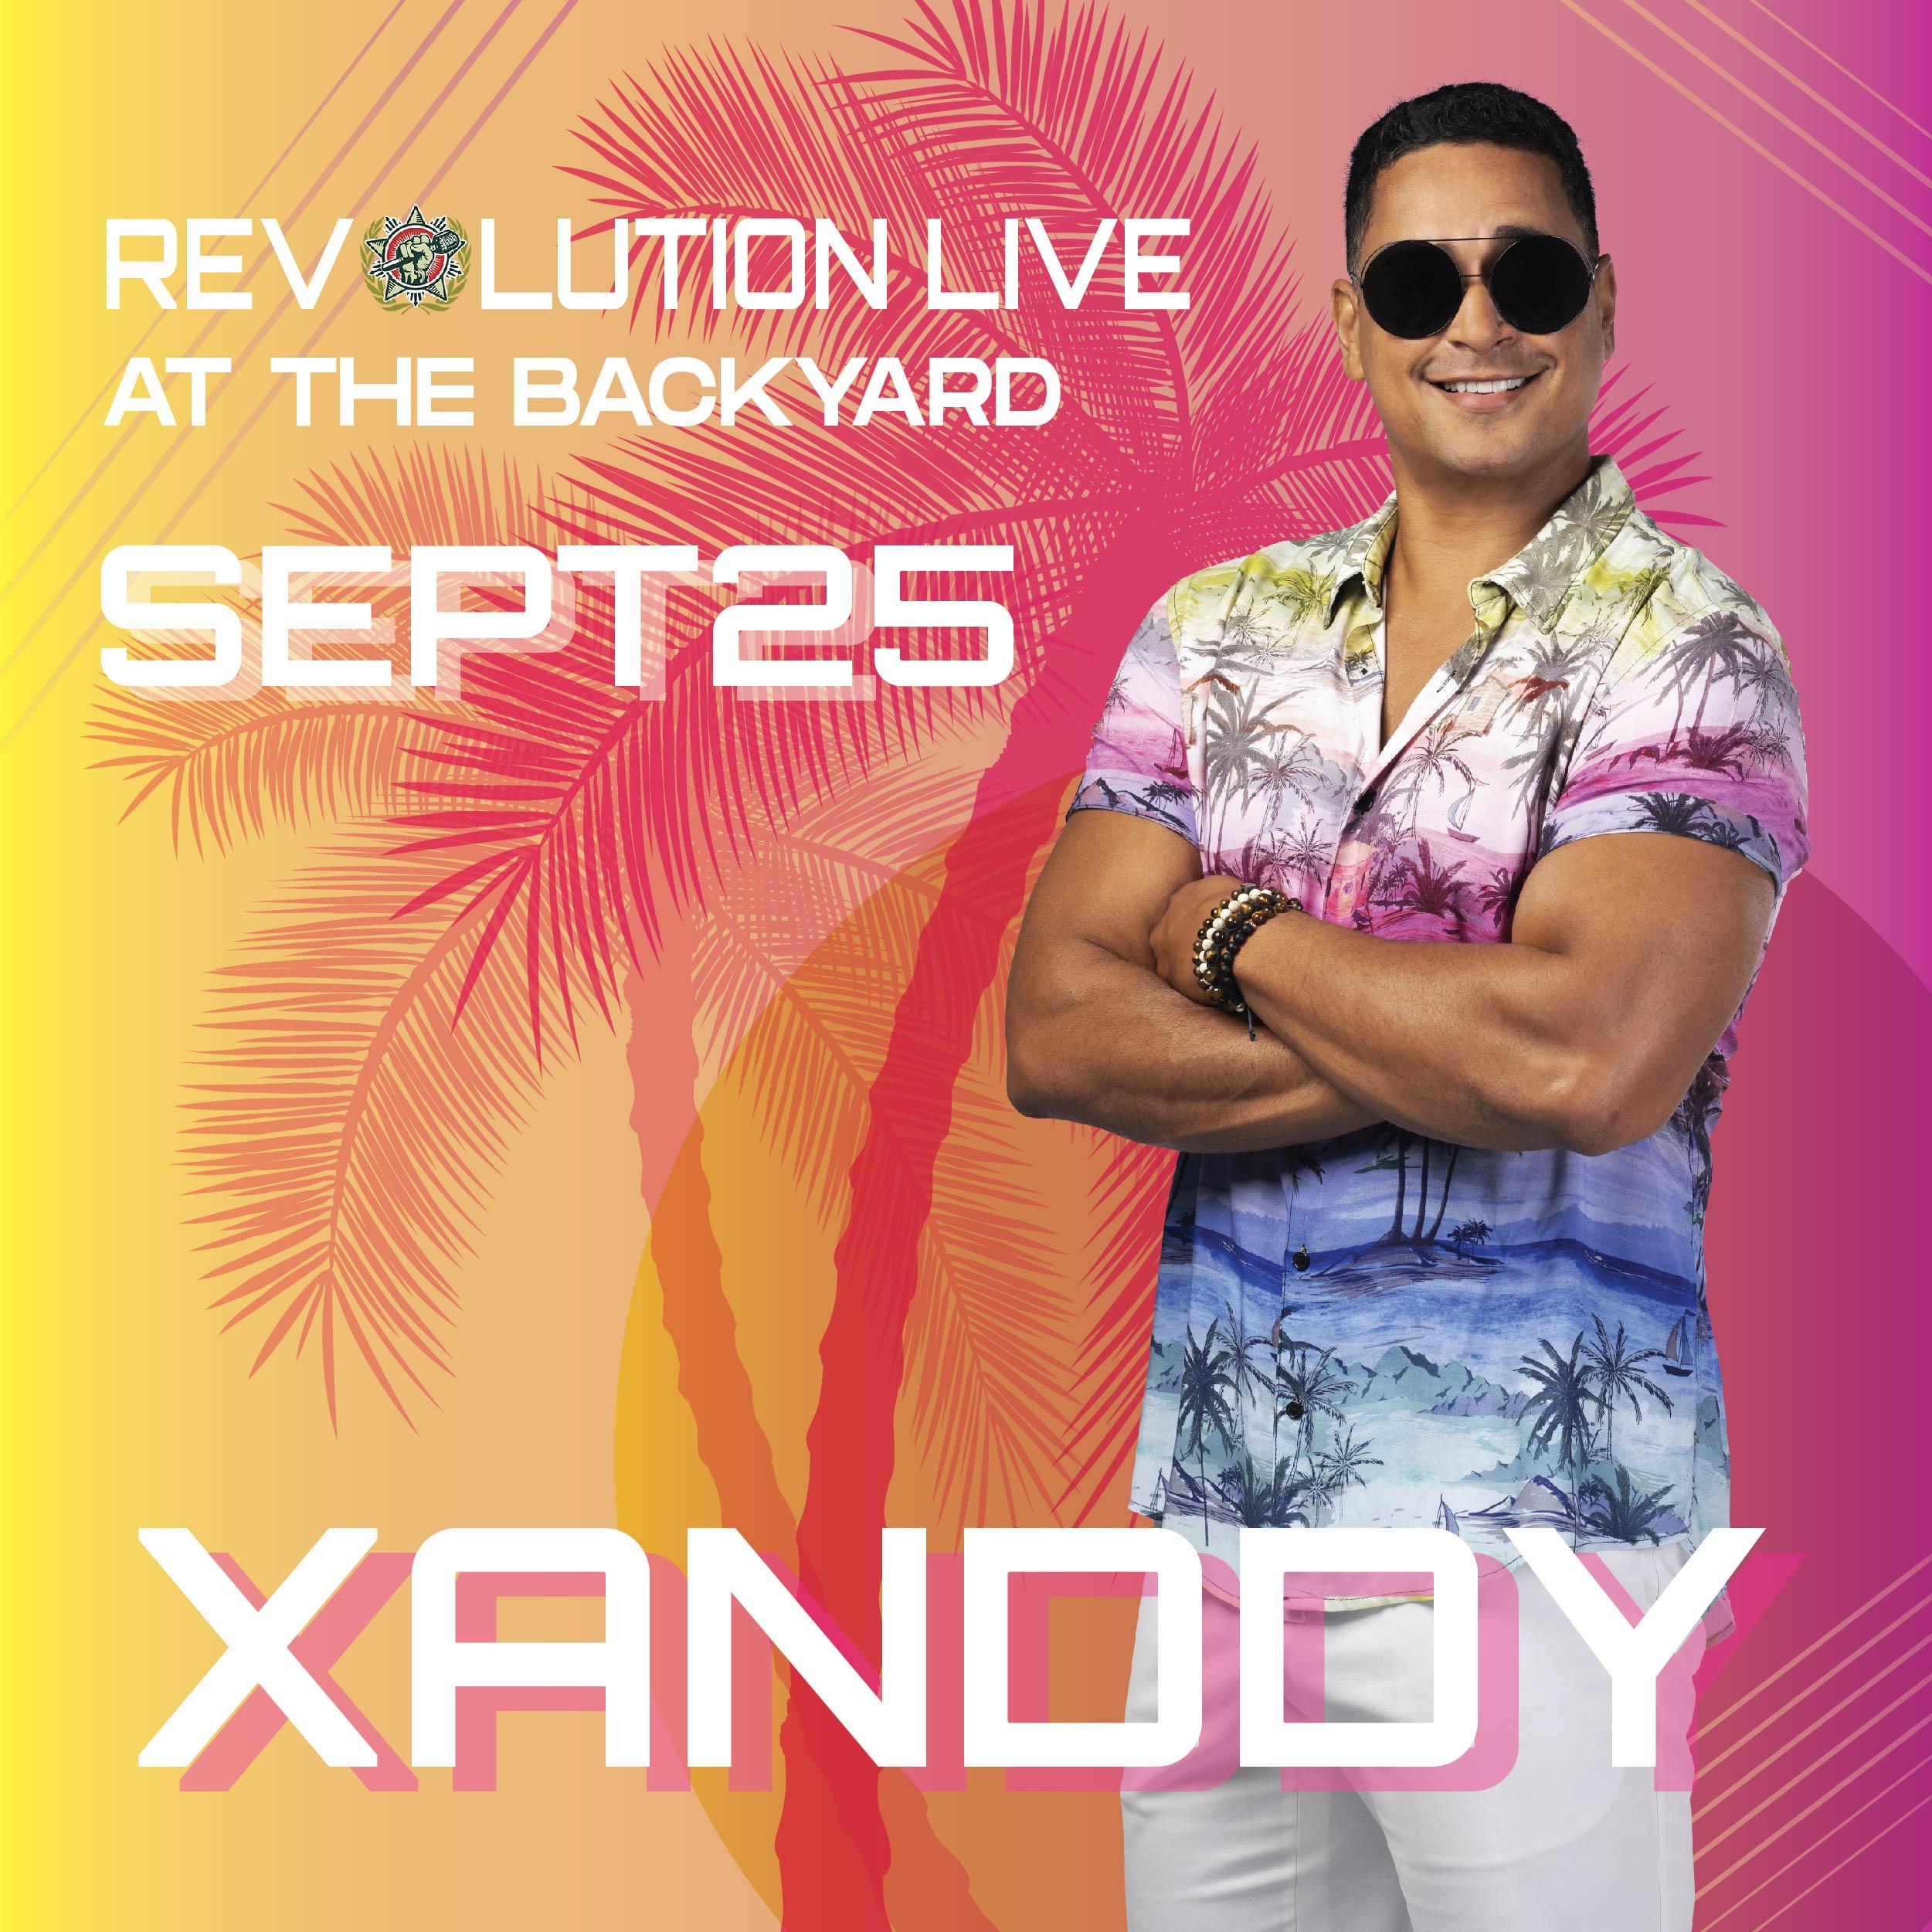 Xanddy at Revolution Live at The Backyard